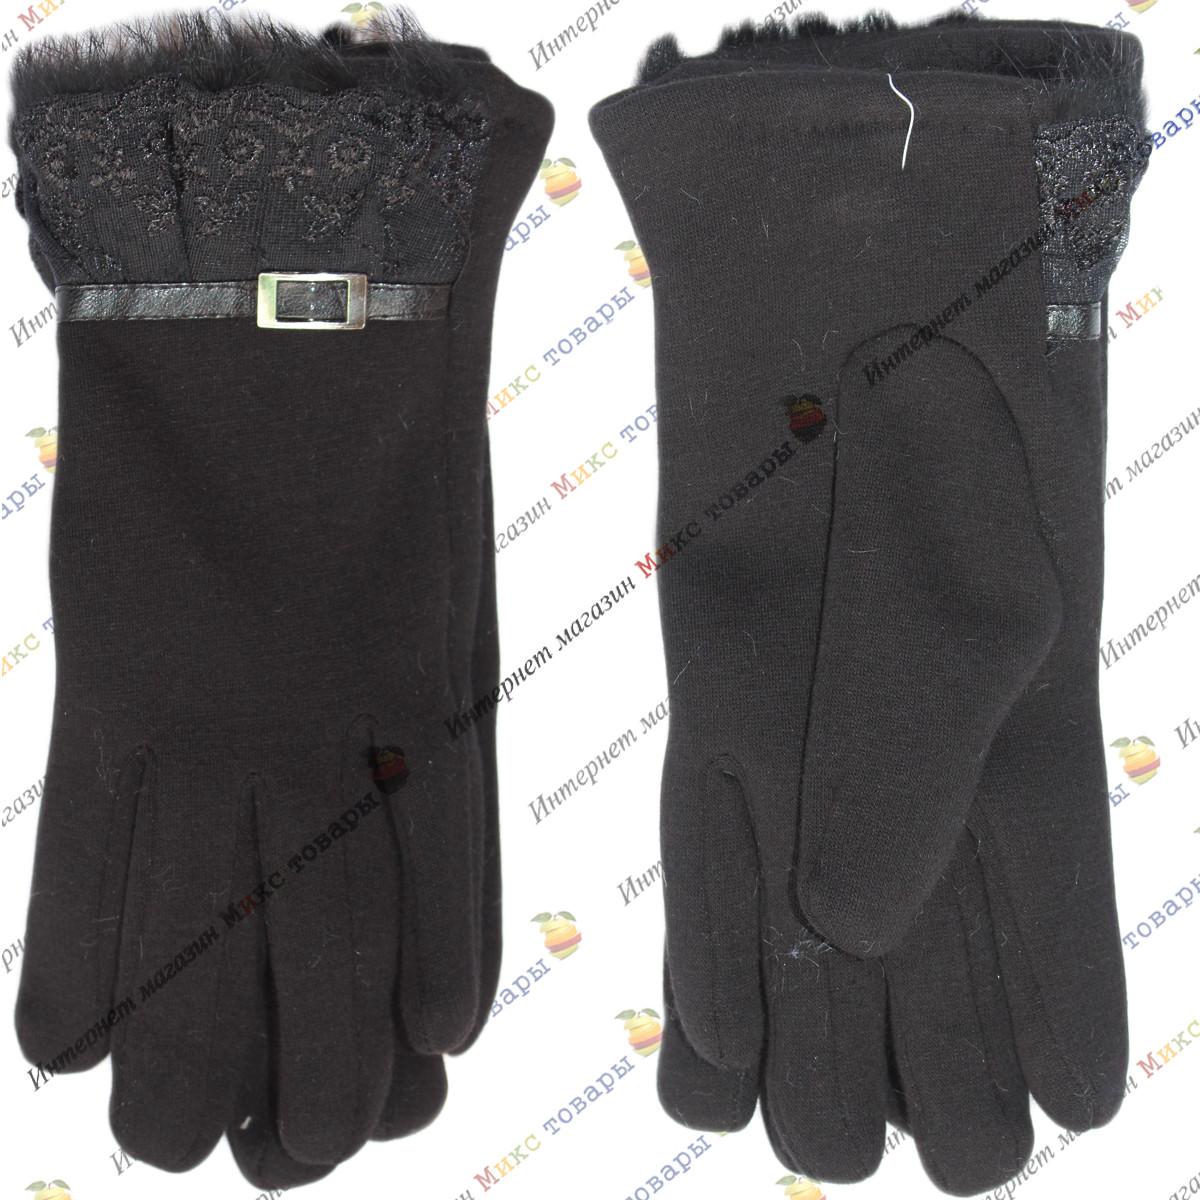 Чёрные трикотажные перчатки для женшин